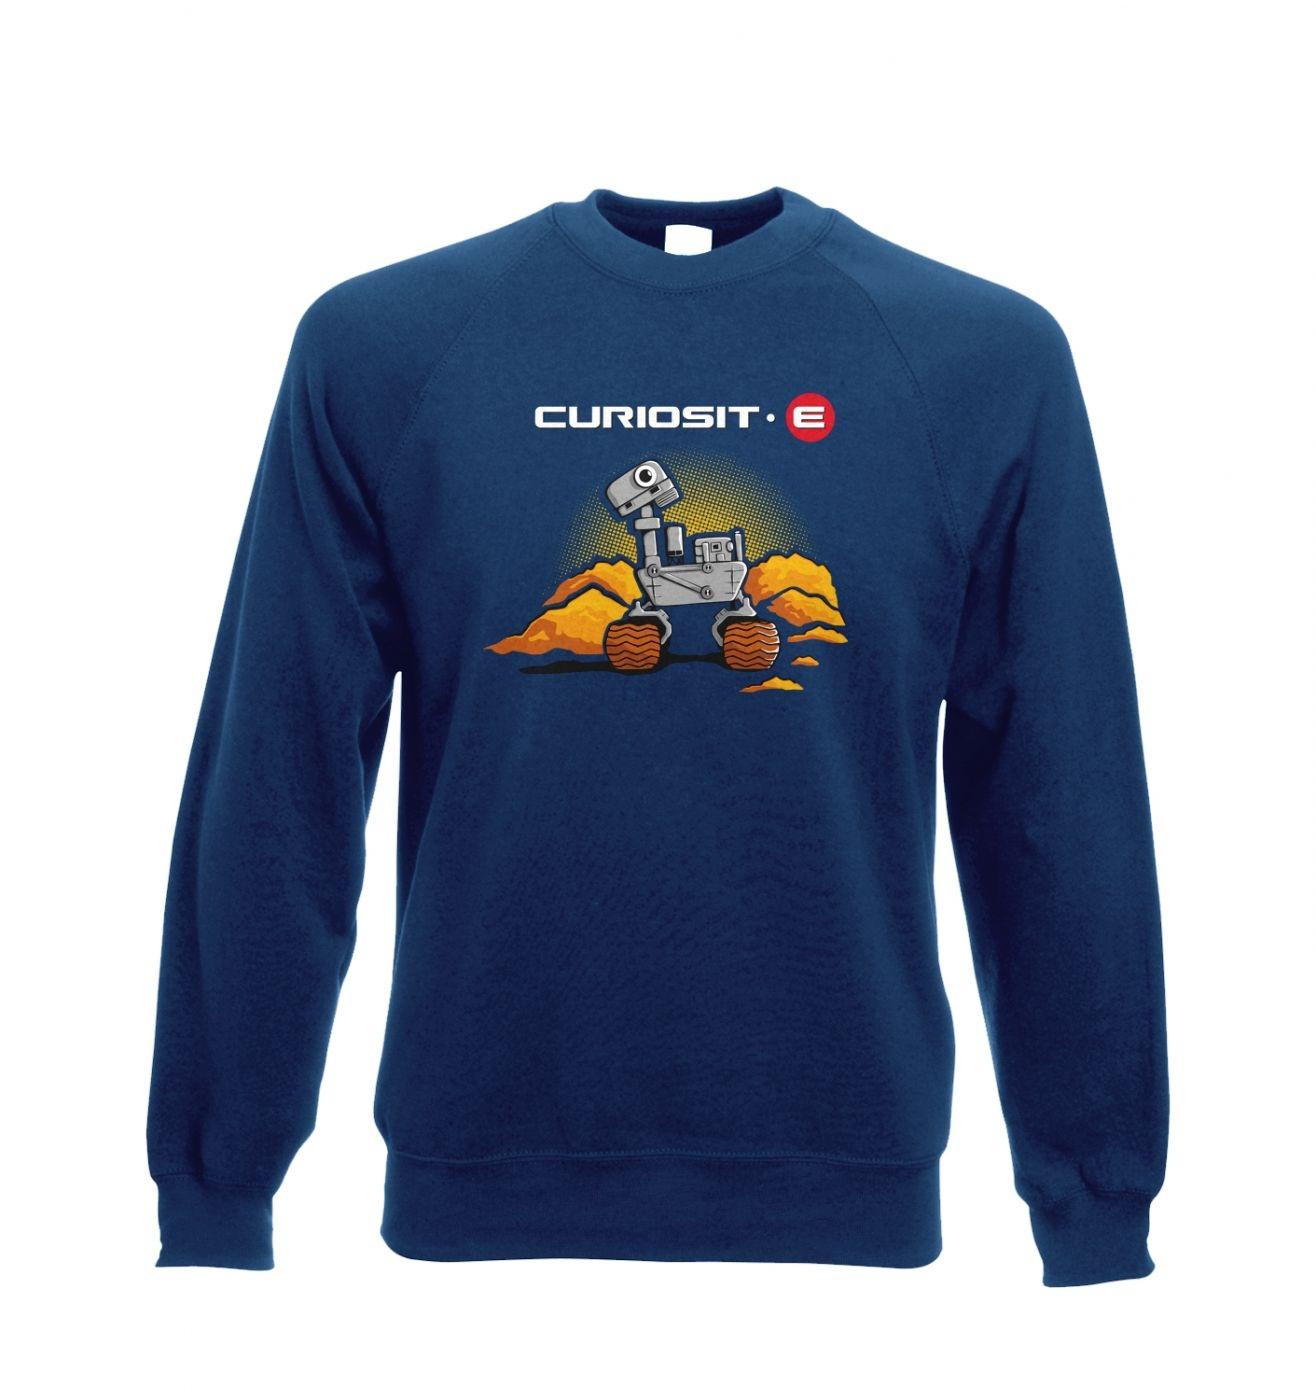 Curiosit-e sweatshirt